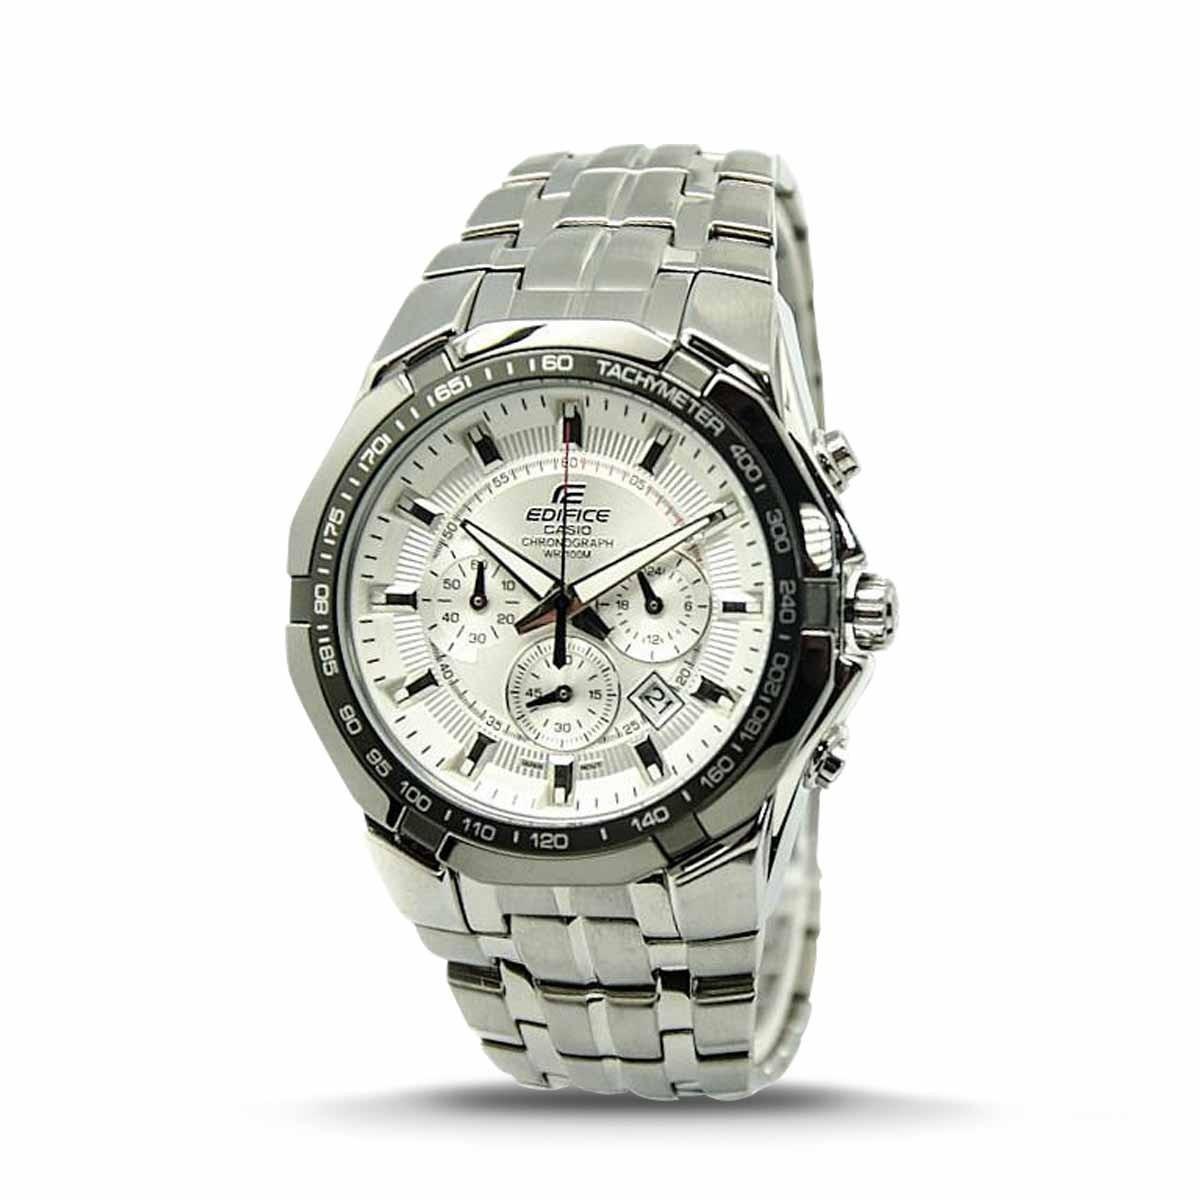 71723dc614ae Reloj Casio Edifice Ef-540d-7a Plateado Para Hombre -   349.900 en Mercado  Libre